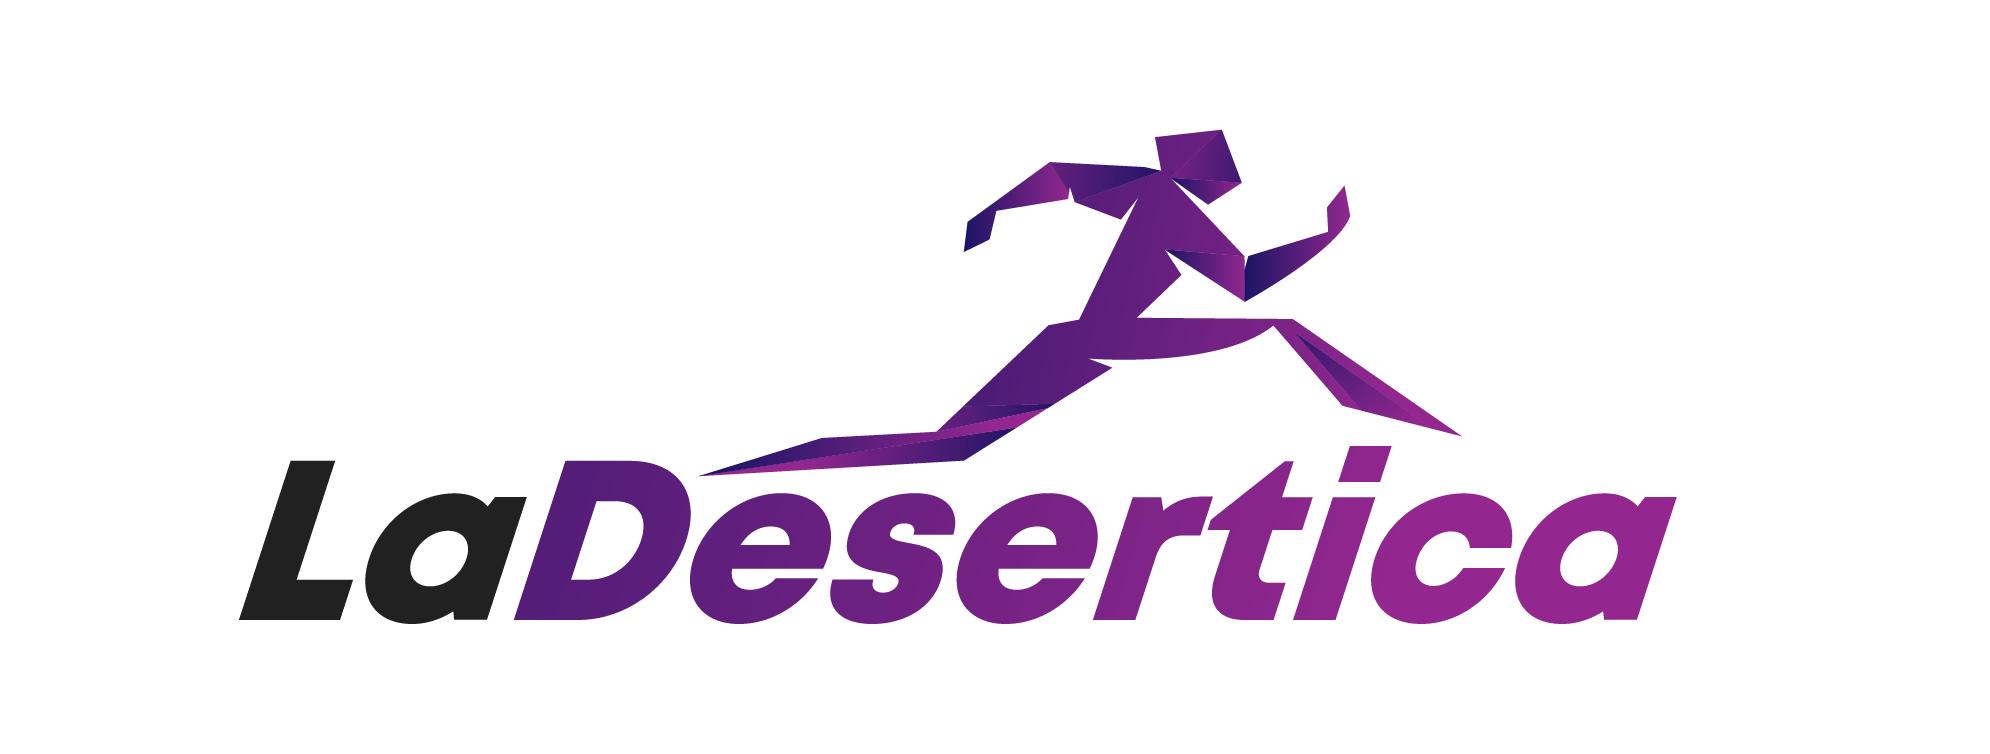 La Desertica